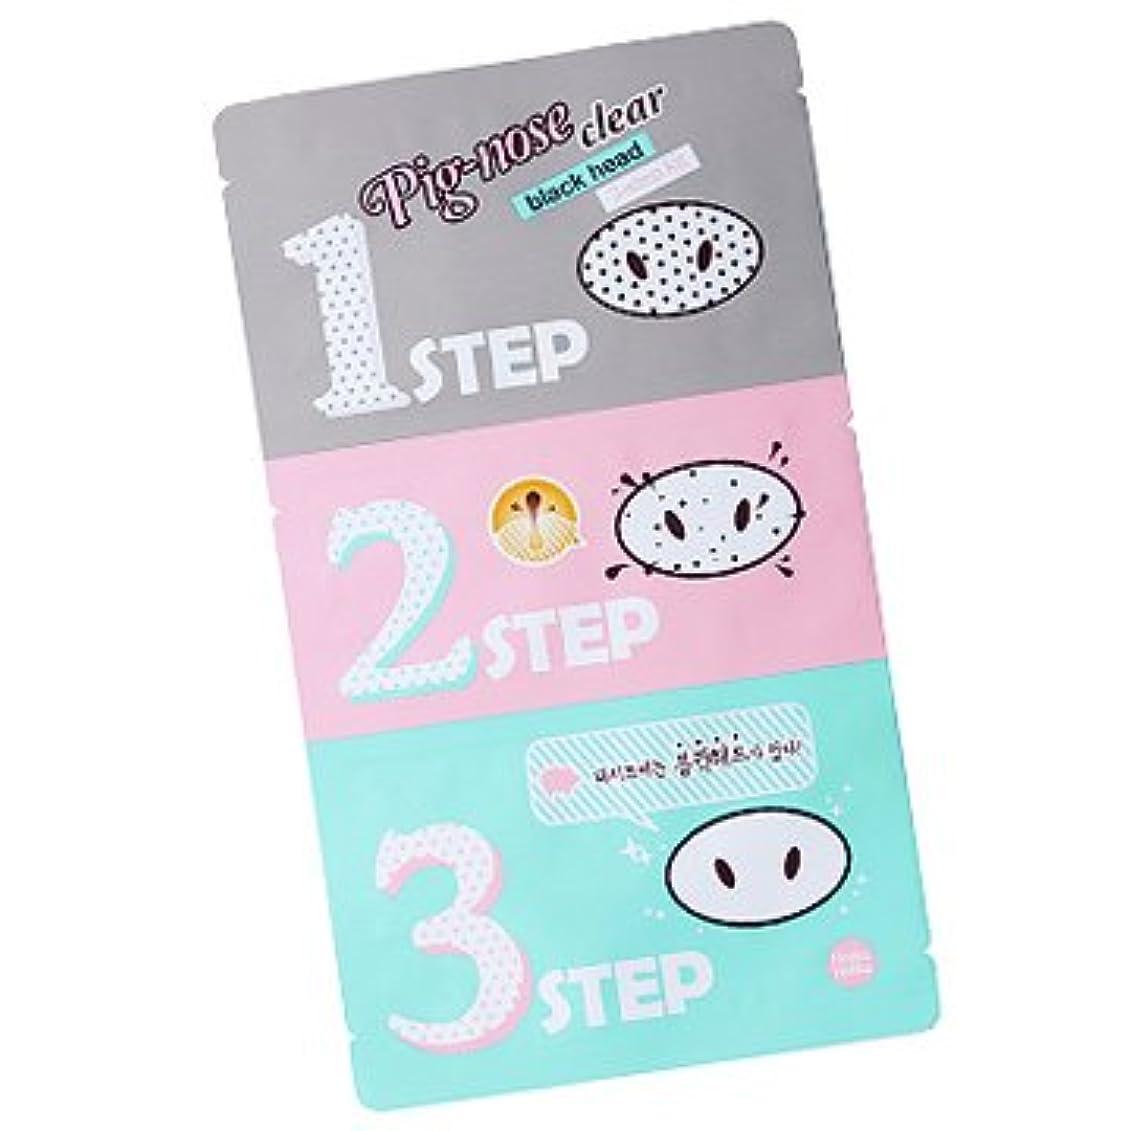 純度自信がある合併症Holika Holika Pig Nose Clear Black Head 3-Step Kit 10EA (Nose Pack) ホリカホリカ ピグノーズクリアブラックヘッド3-Stepキット(鼻パック) 10pcs [並行輸入品]